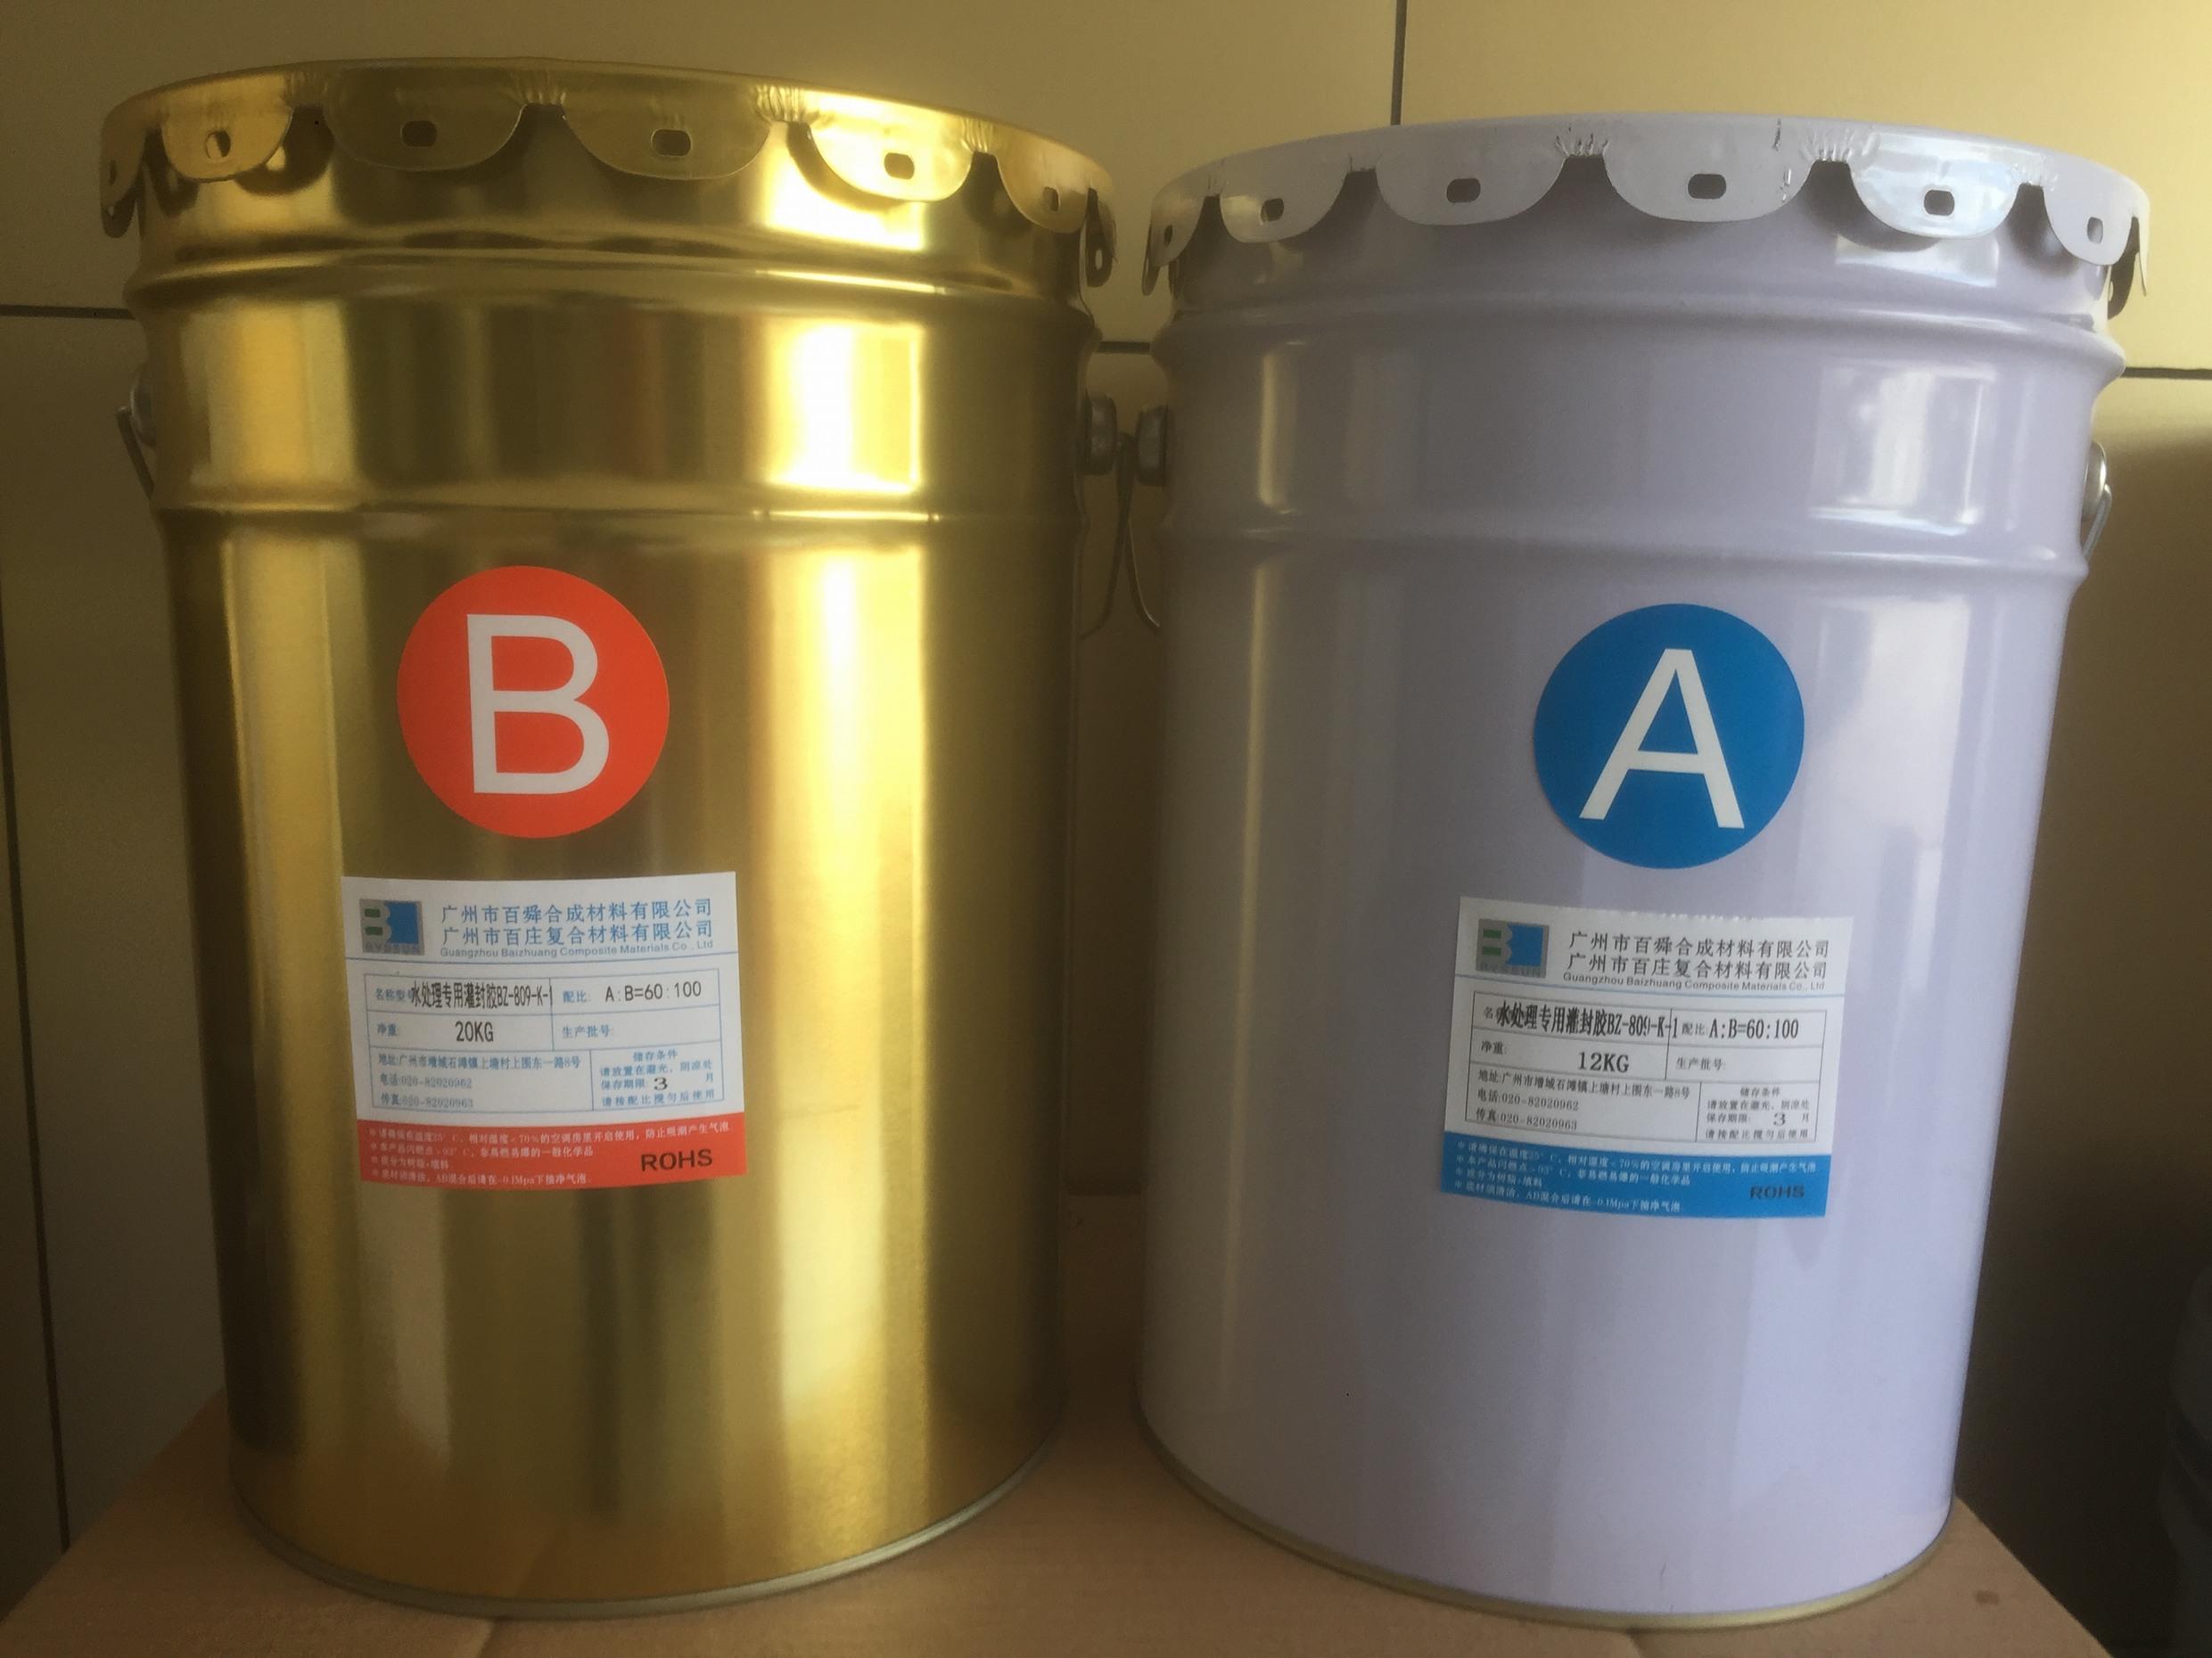 水處理專用灌封膠BZ-809-K-1